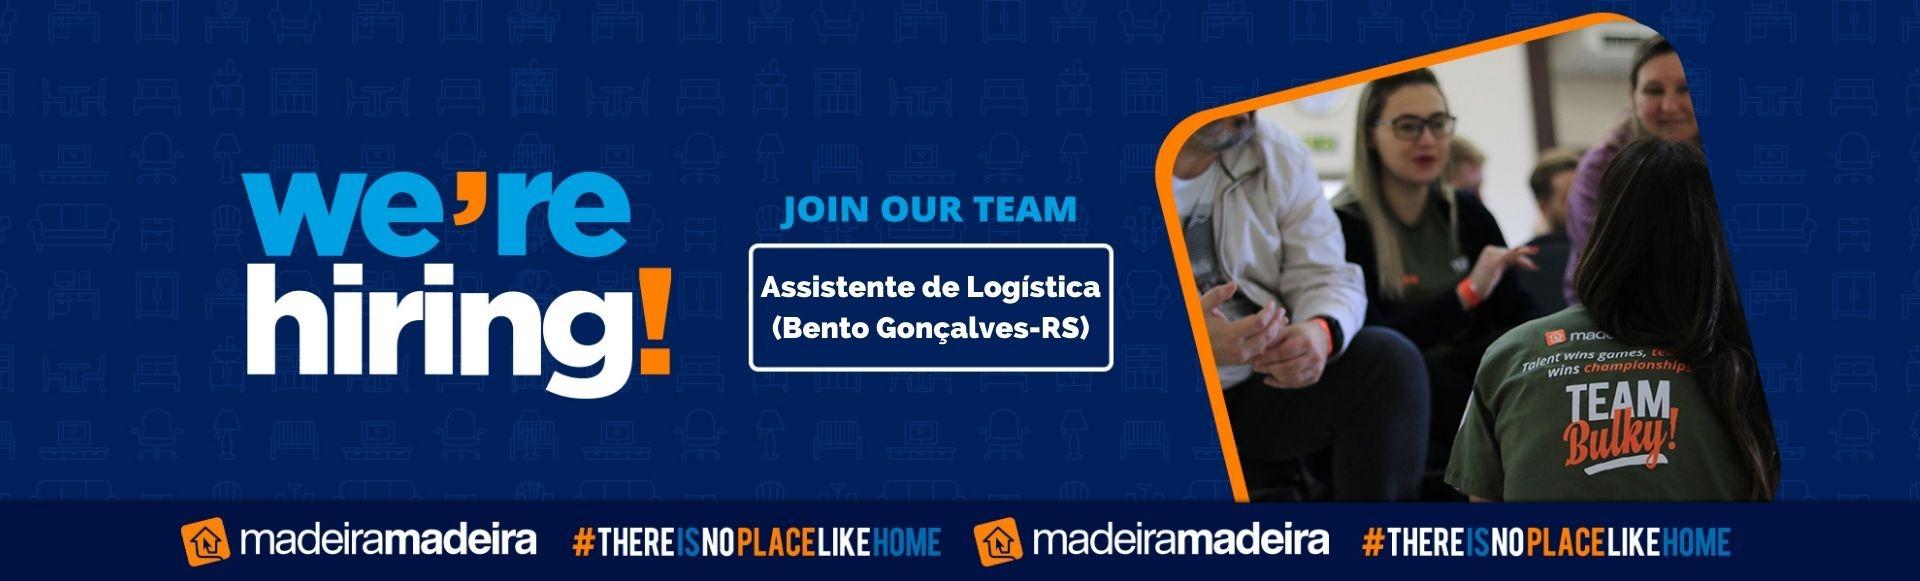 Assistente de Logística (Bento Gonçalves-RS)